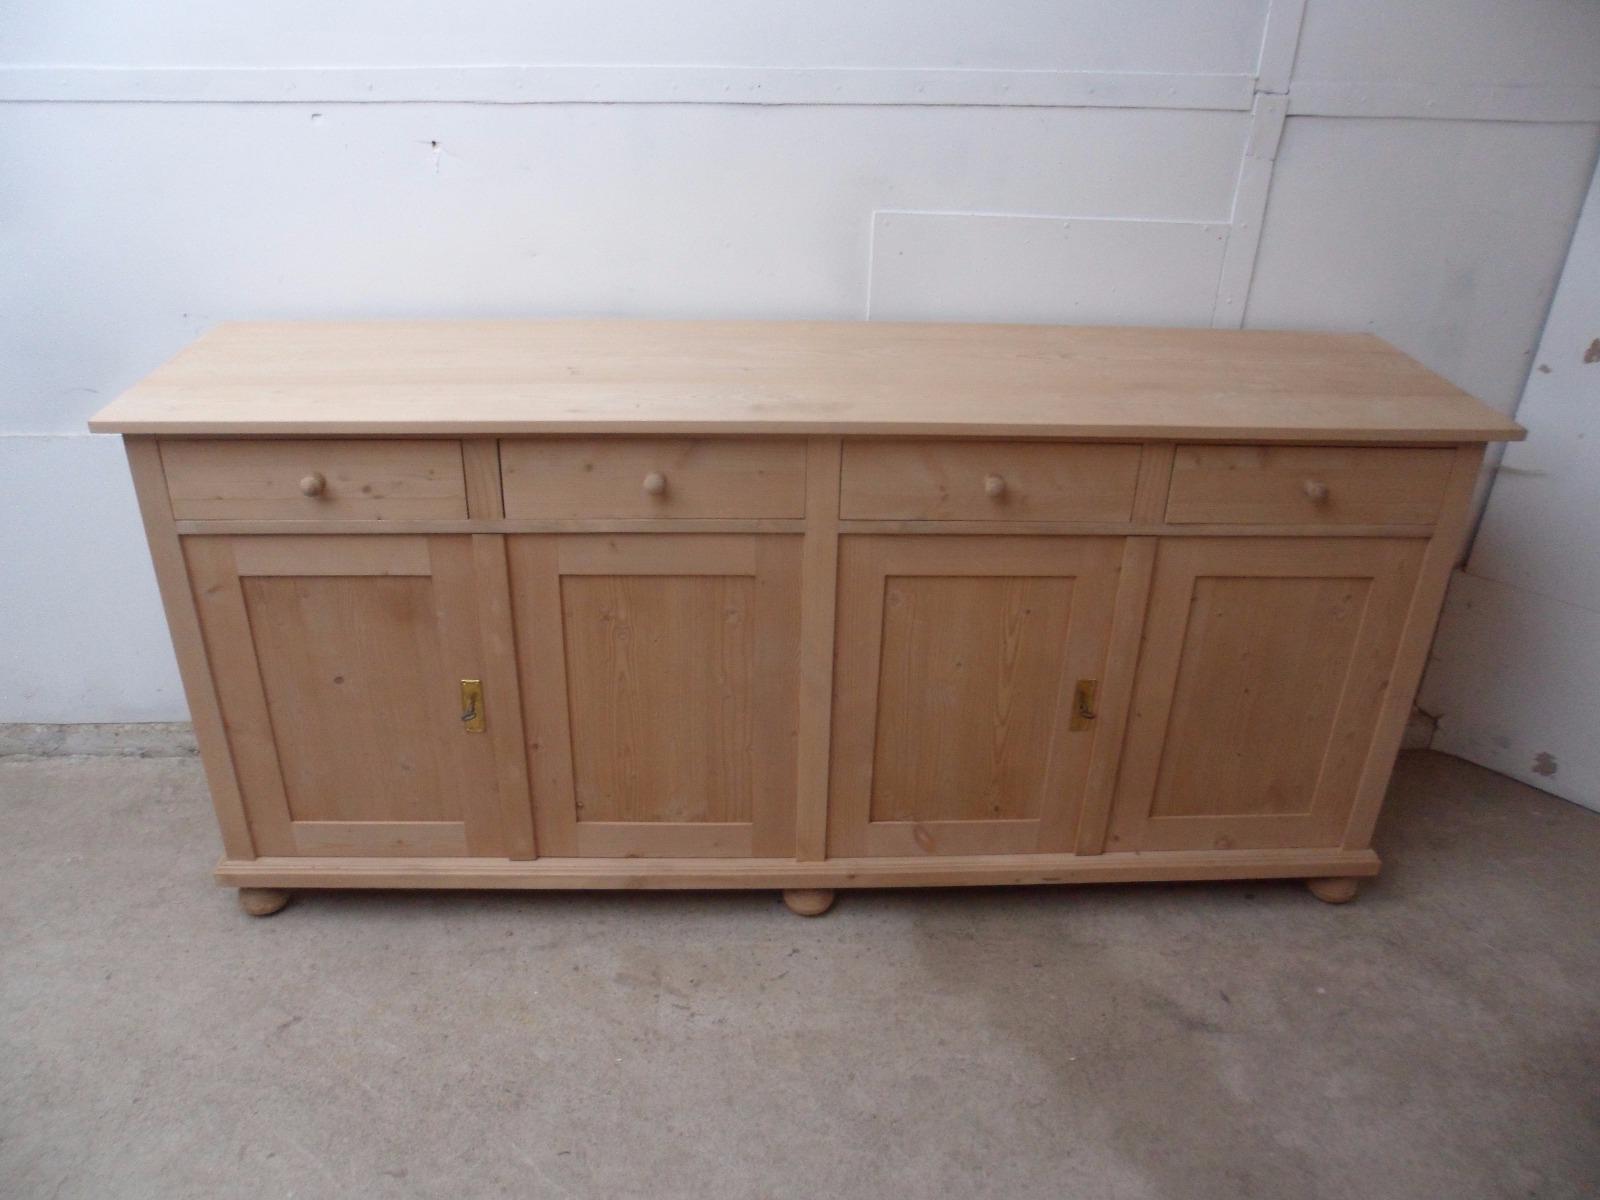 Famous Reclaimed Pine 4 Door Sideboards With Regard To Super 2 Metre Reclaimed Pine 4 Door Kitchen Dresser Base To Wax (View 10 of 20)